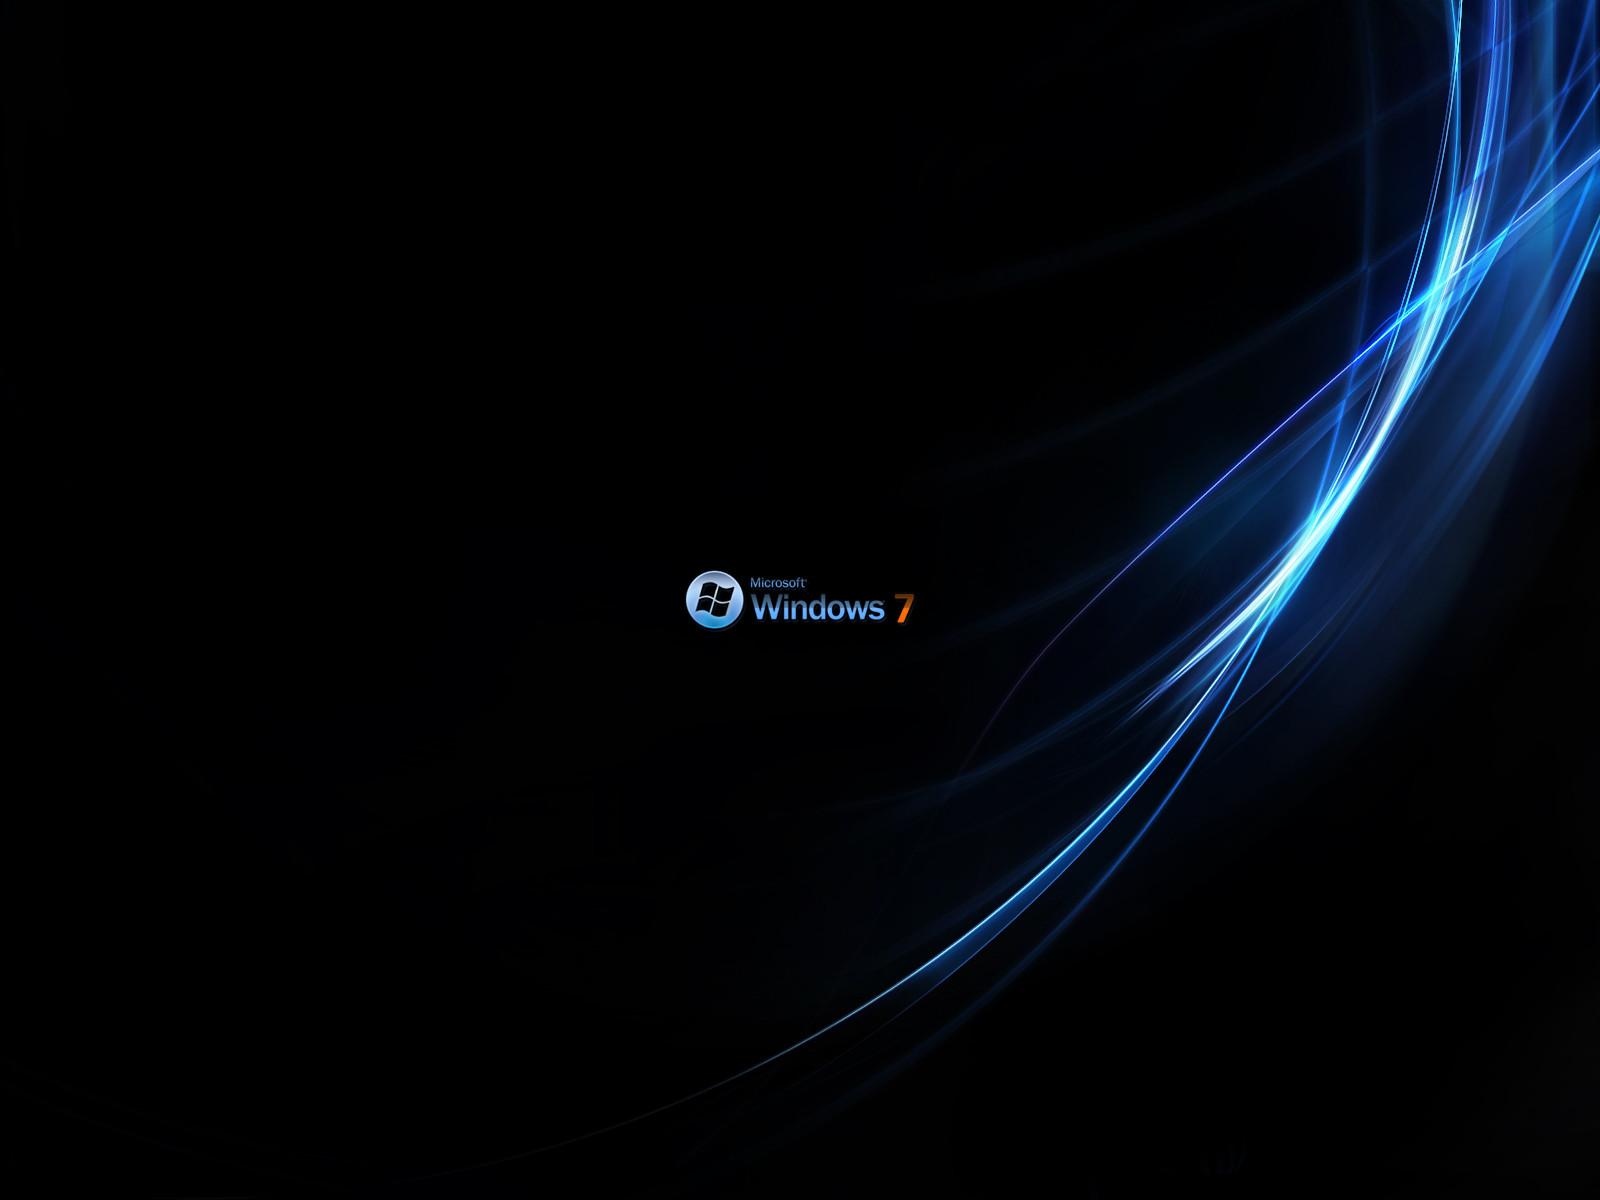 Windows 7 Desktop Wallpaper Hd Art Hd 3d Nature Butterfly Dwonload Hd 1600x1200